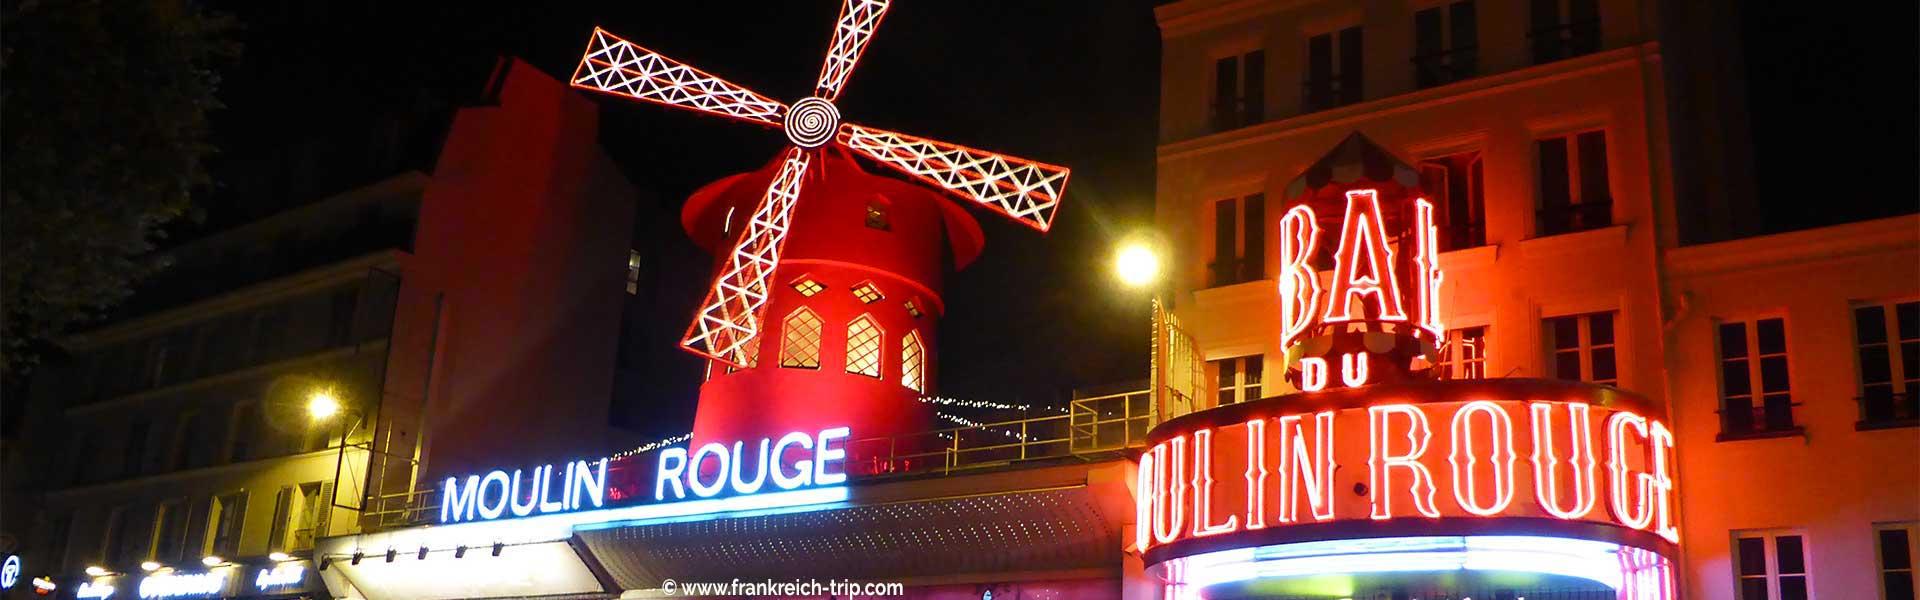 Paris Sehenswürdigkeiten Moulin Rouge